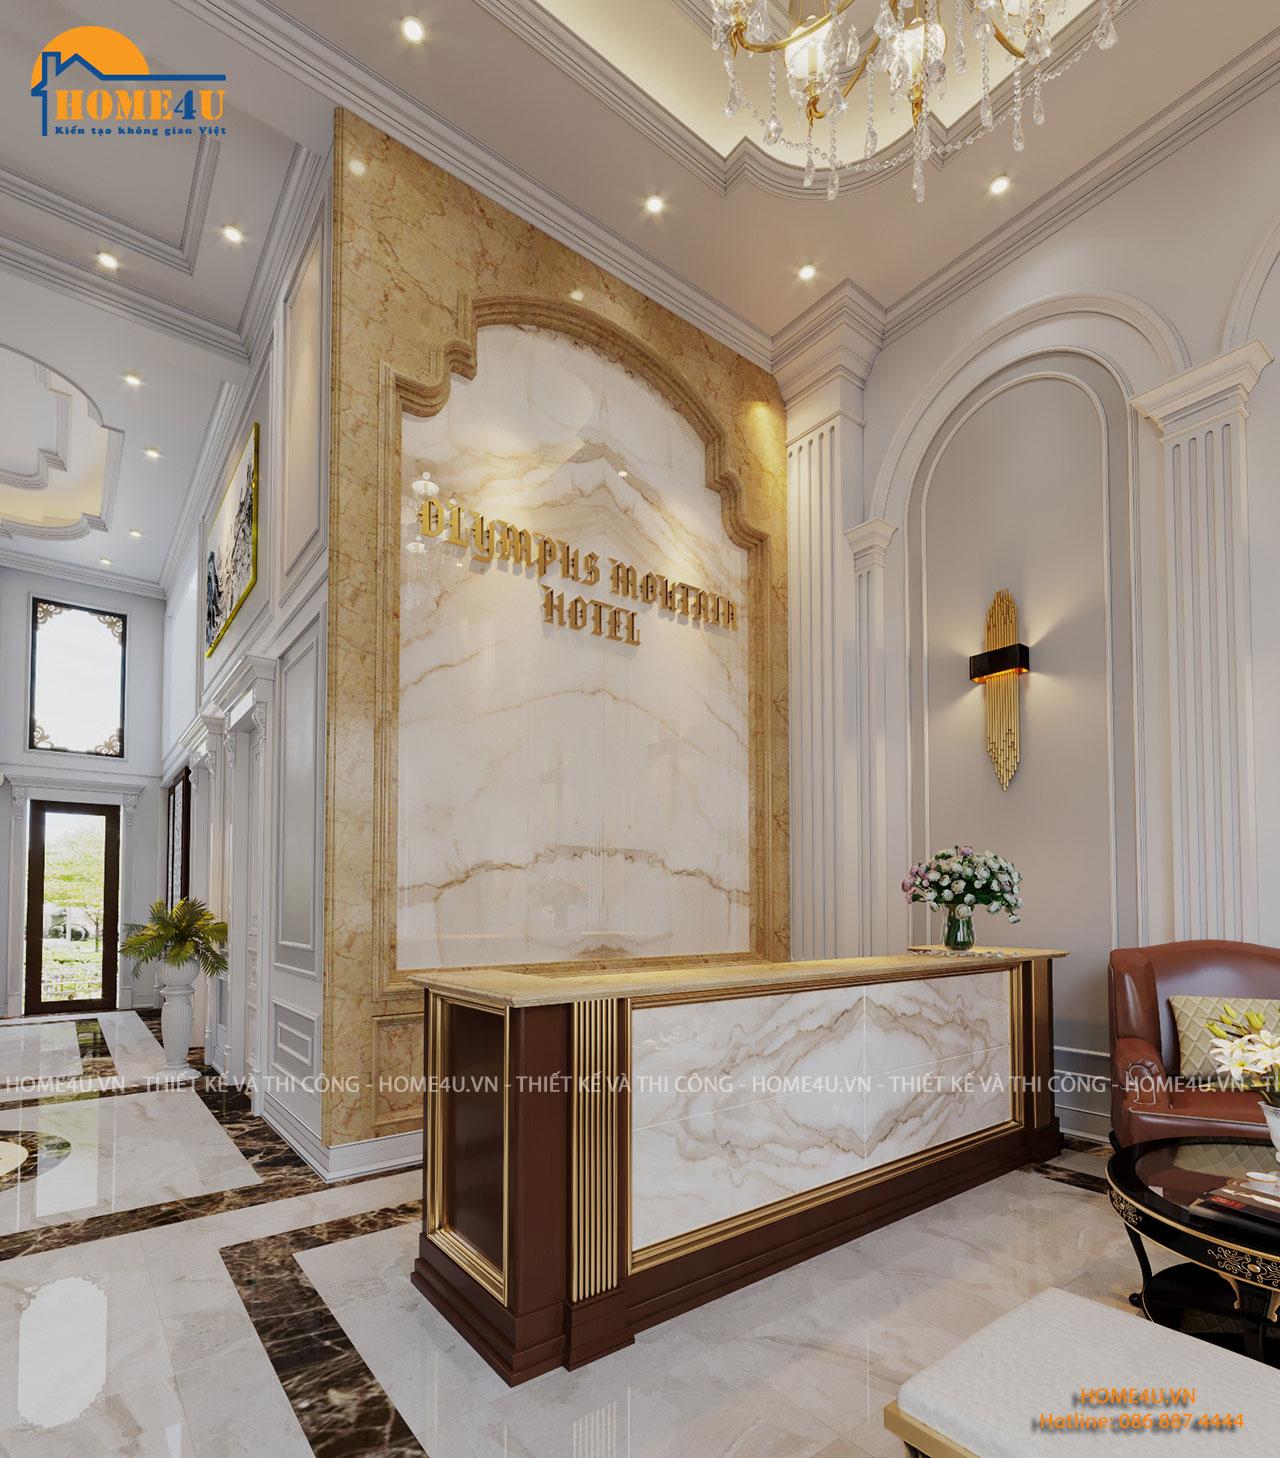 Mẫu thiết kế nội thất khách sạn tân cổ điển chị Loan - NTKS2002